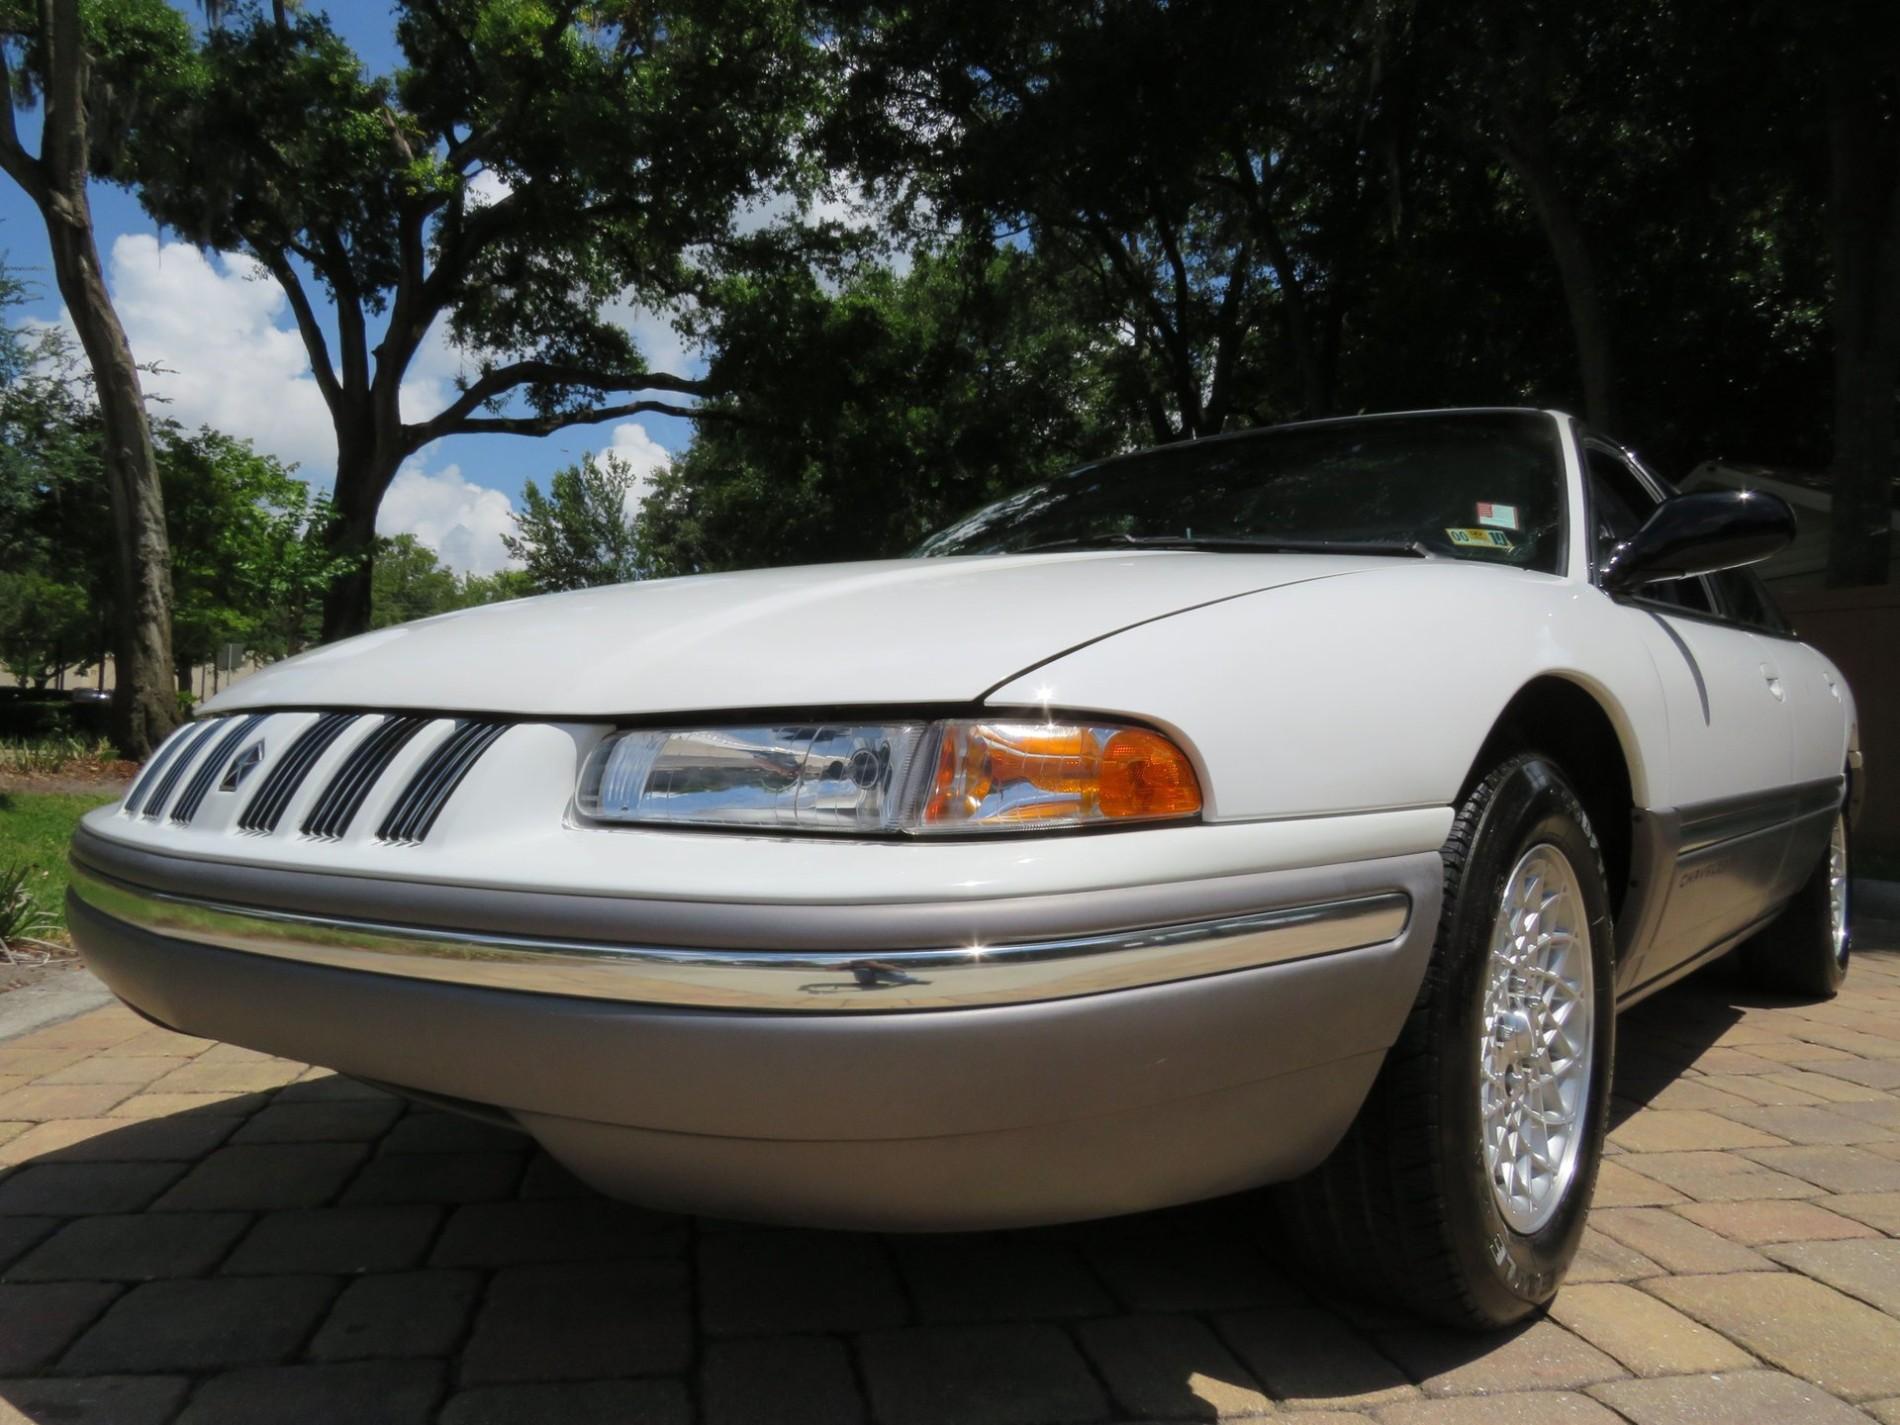 Chrysler Concorde de vanzare - Chrysler Concorde de vanzare